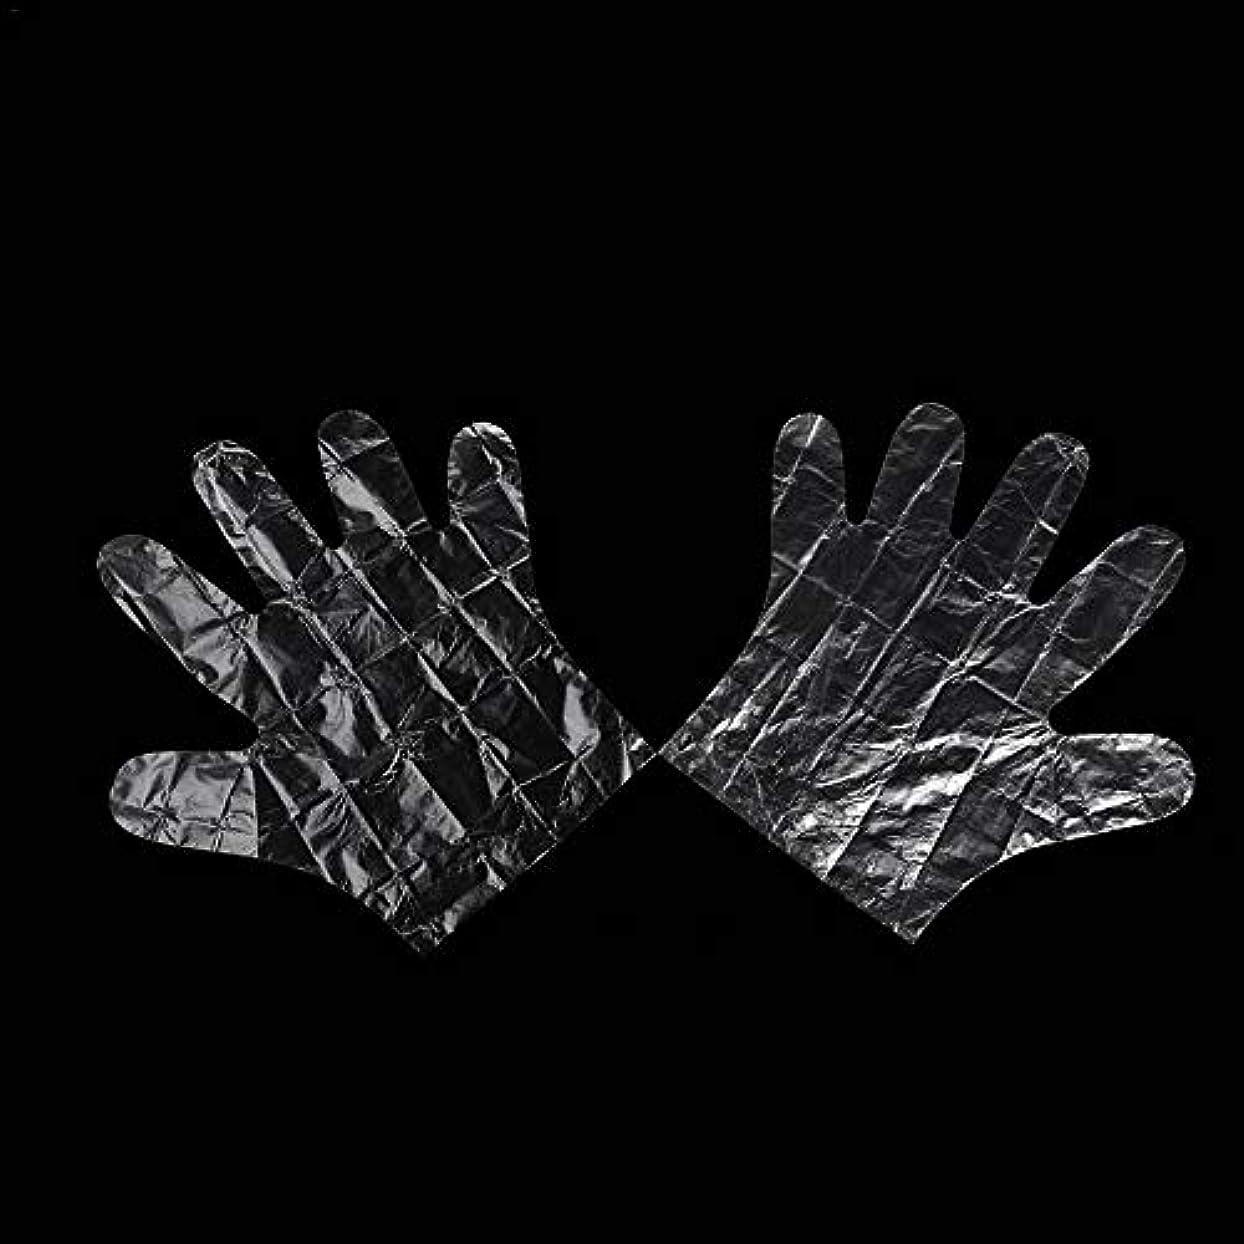 庭園どういたしまして一時解雇するcolmall 使い捨て手袋 子供用 極薄ビニール手袋 ポリエチレン 透明 実用 衛生 100枚/200m枚セット 左右兼用 on